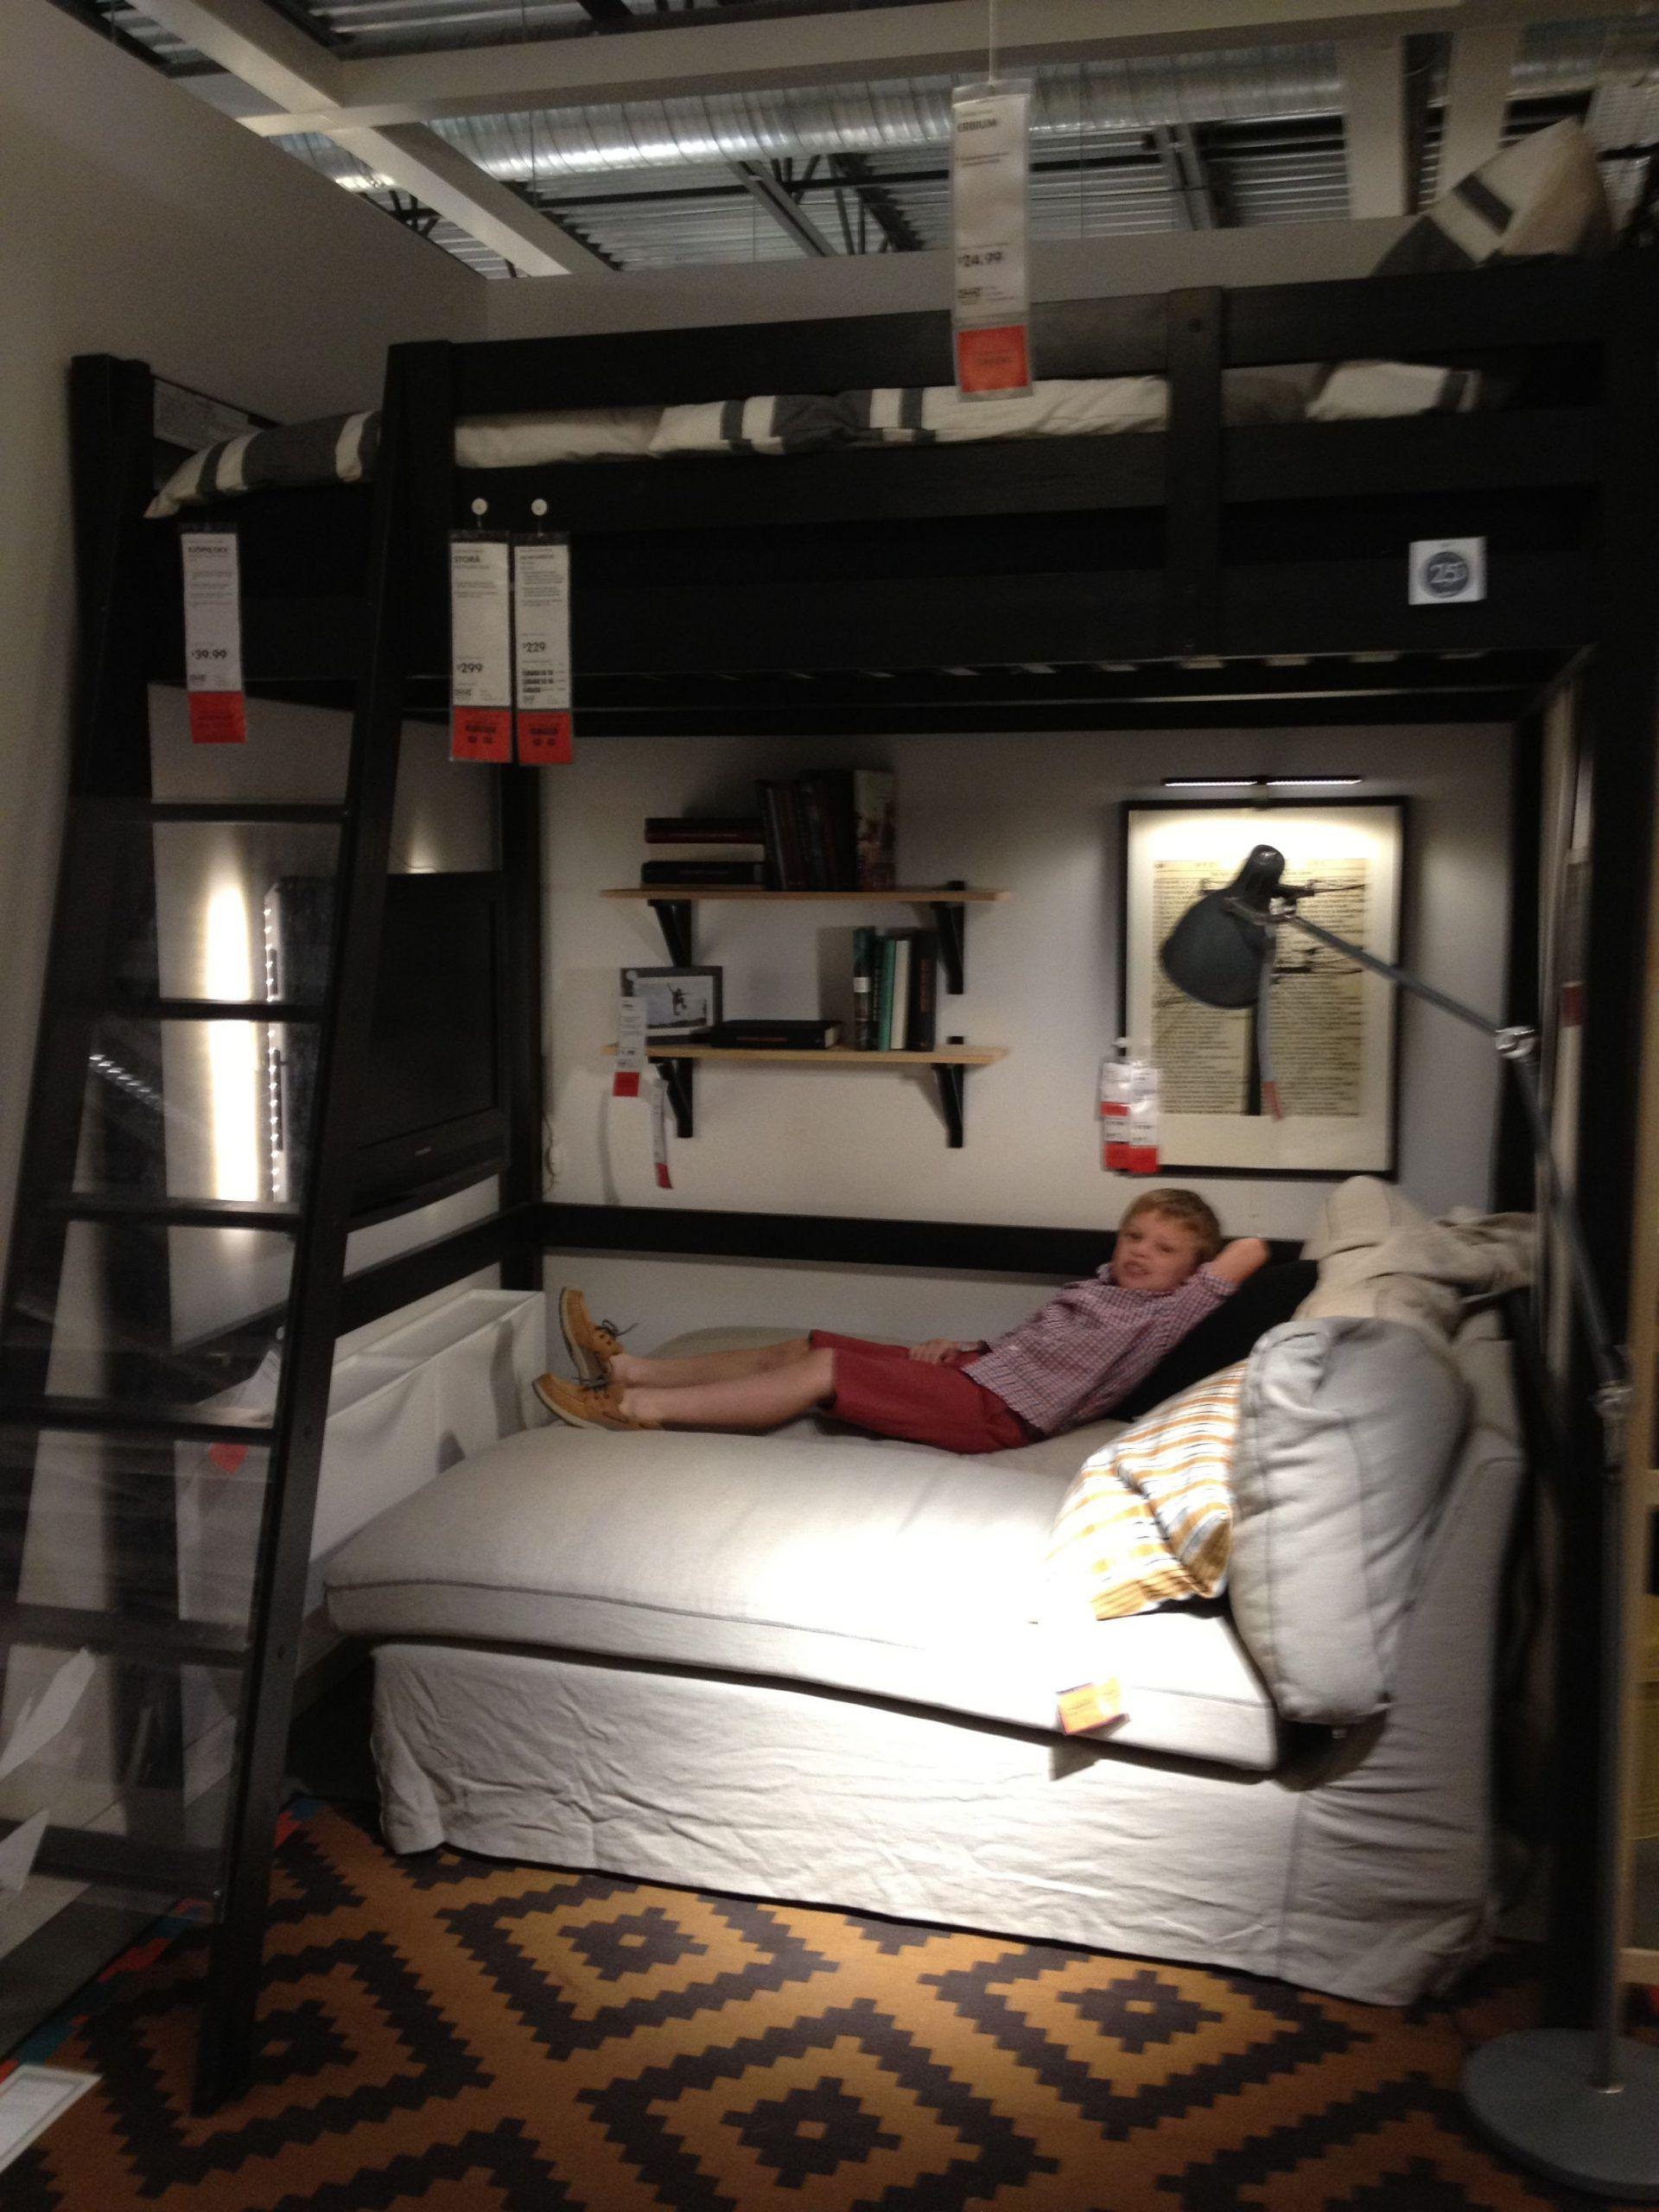 Loft Bunk Beds. Loft Bunk Beds 2021. 7 Decorating Ideas ...